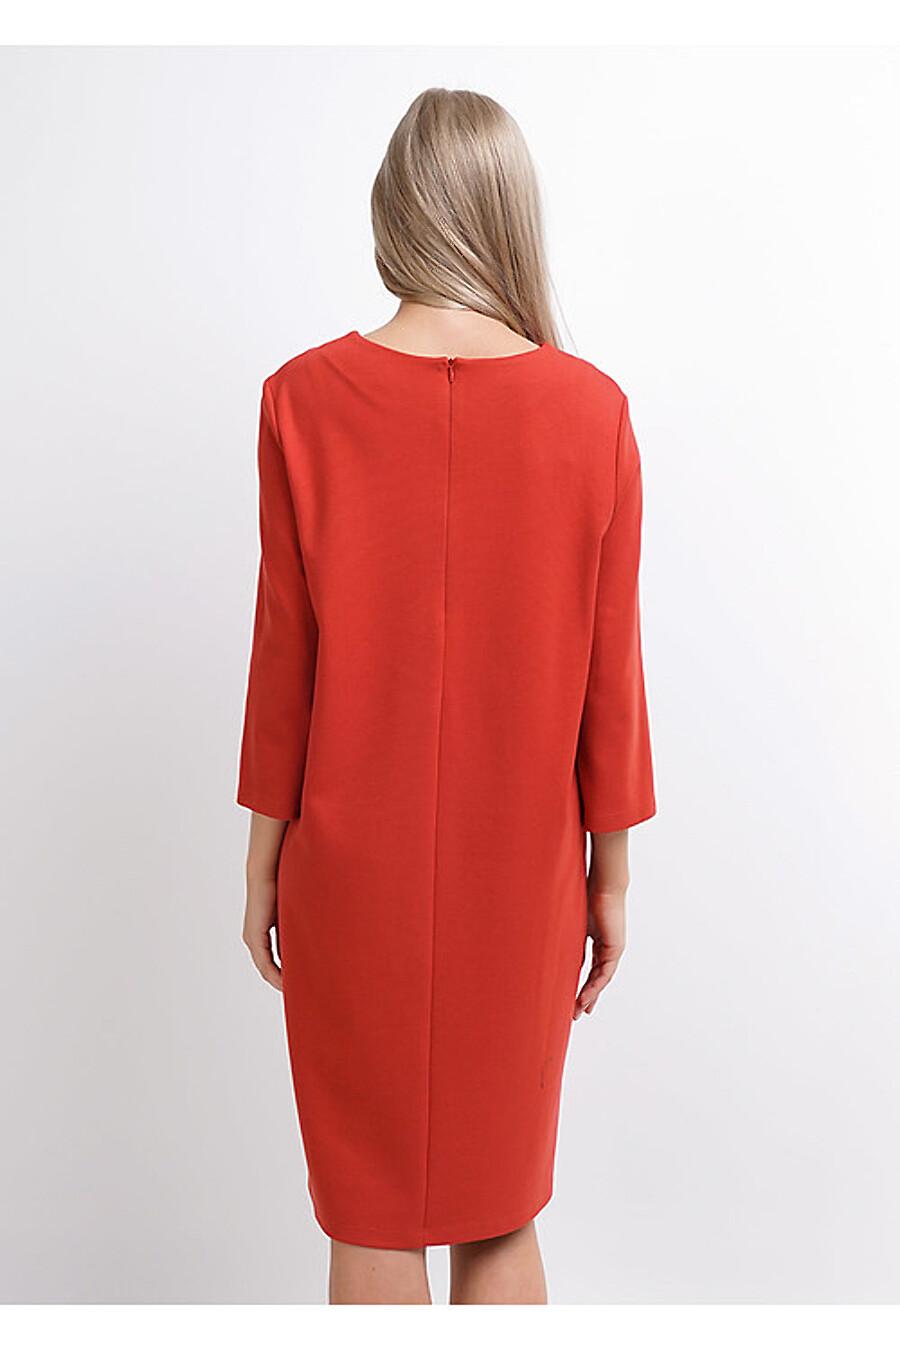 Платье для женщин CLEVER 158808 купить оптом от производителя. Совместная покупка женской одежды в OptMoyo